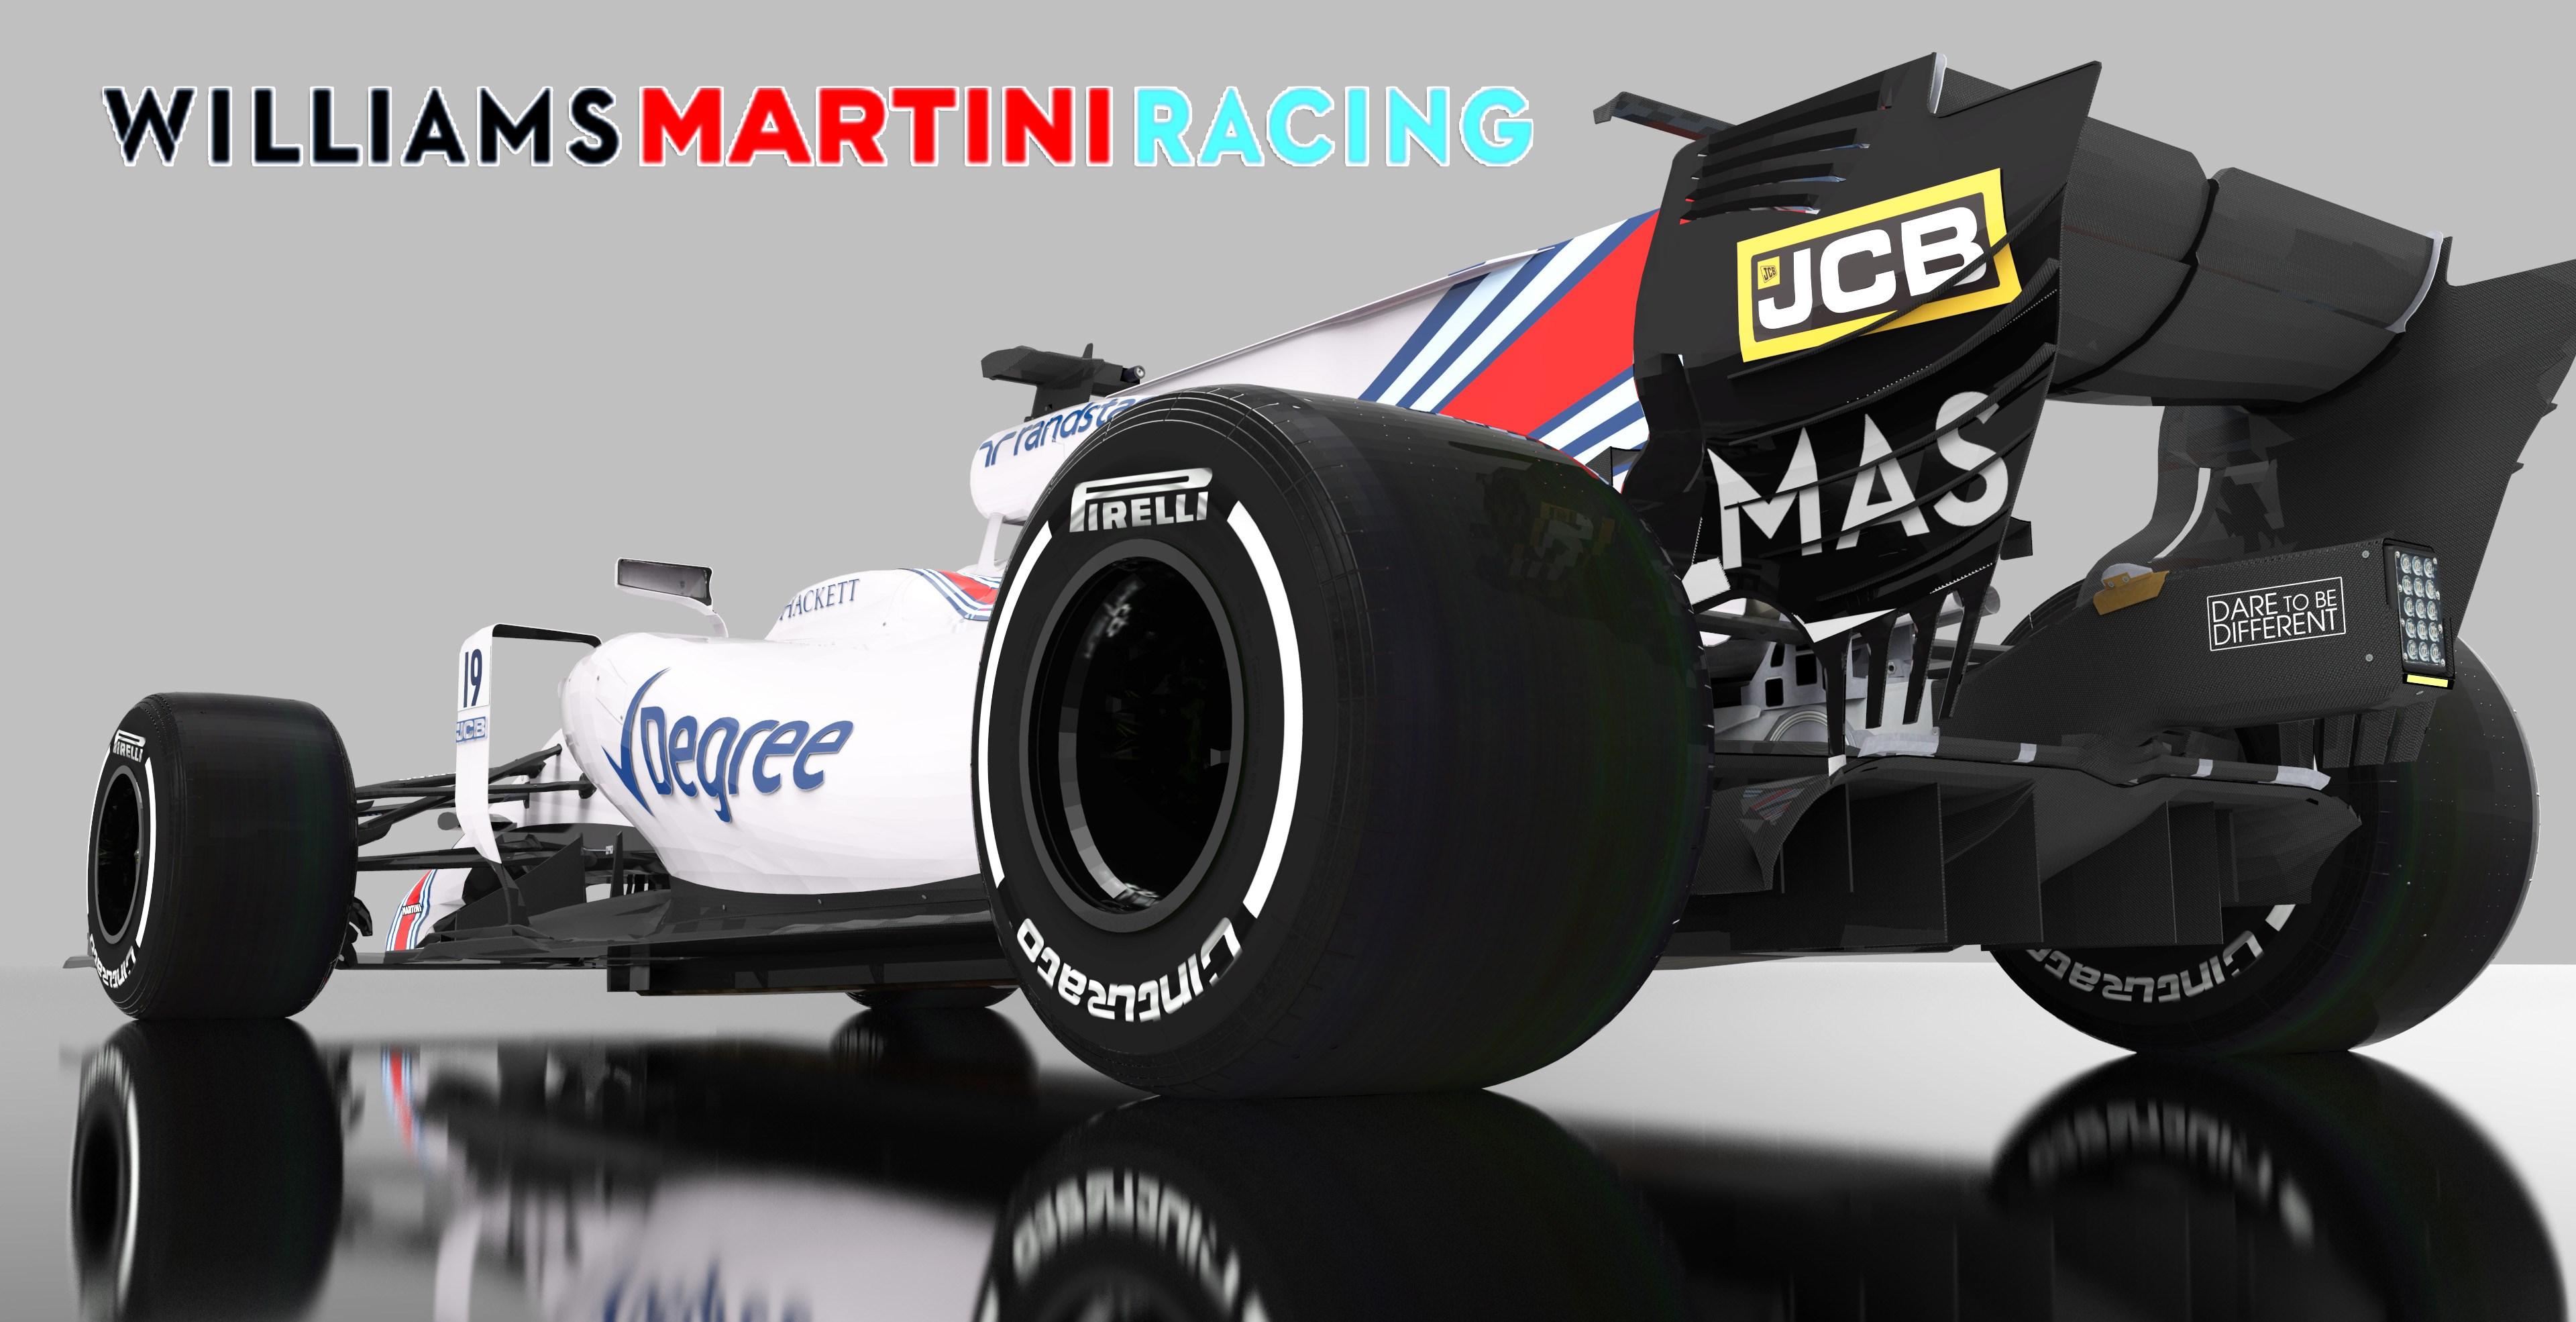 2017_martini_williams_racing_001.jpg